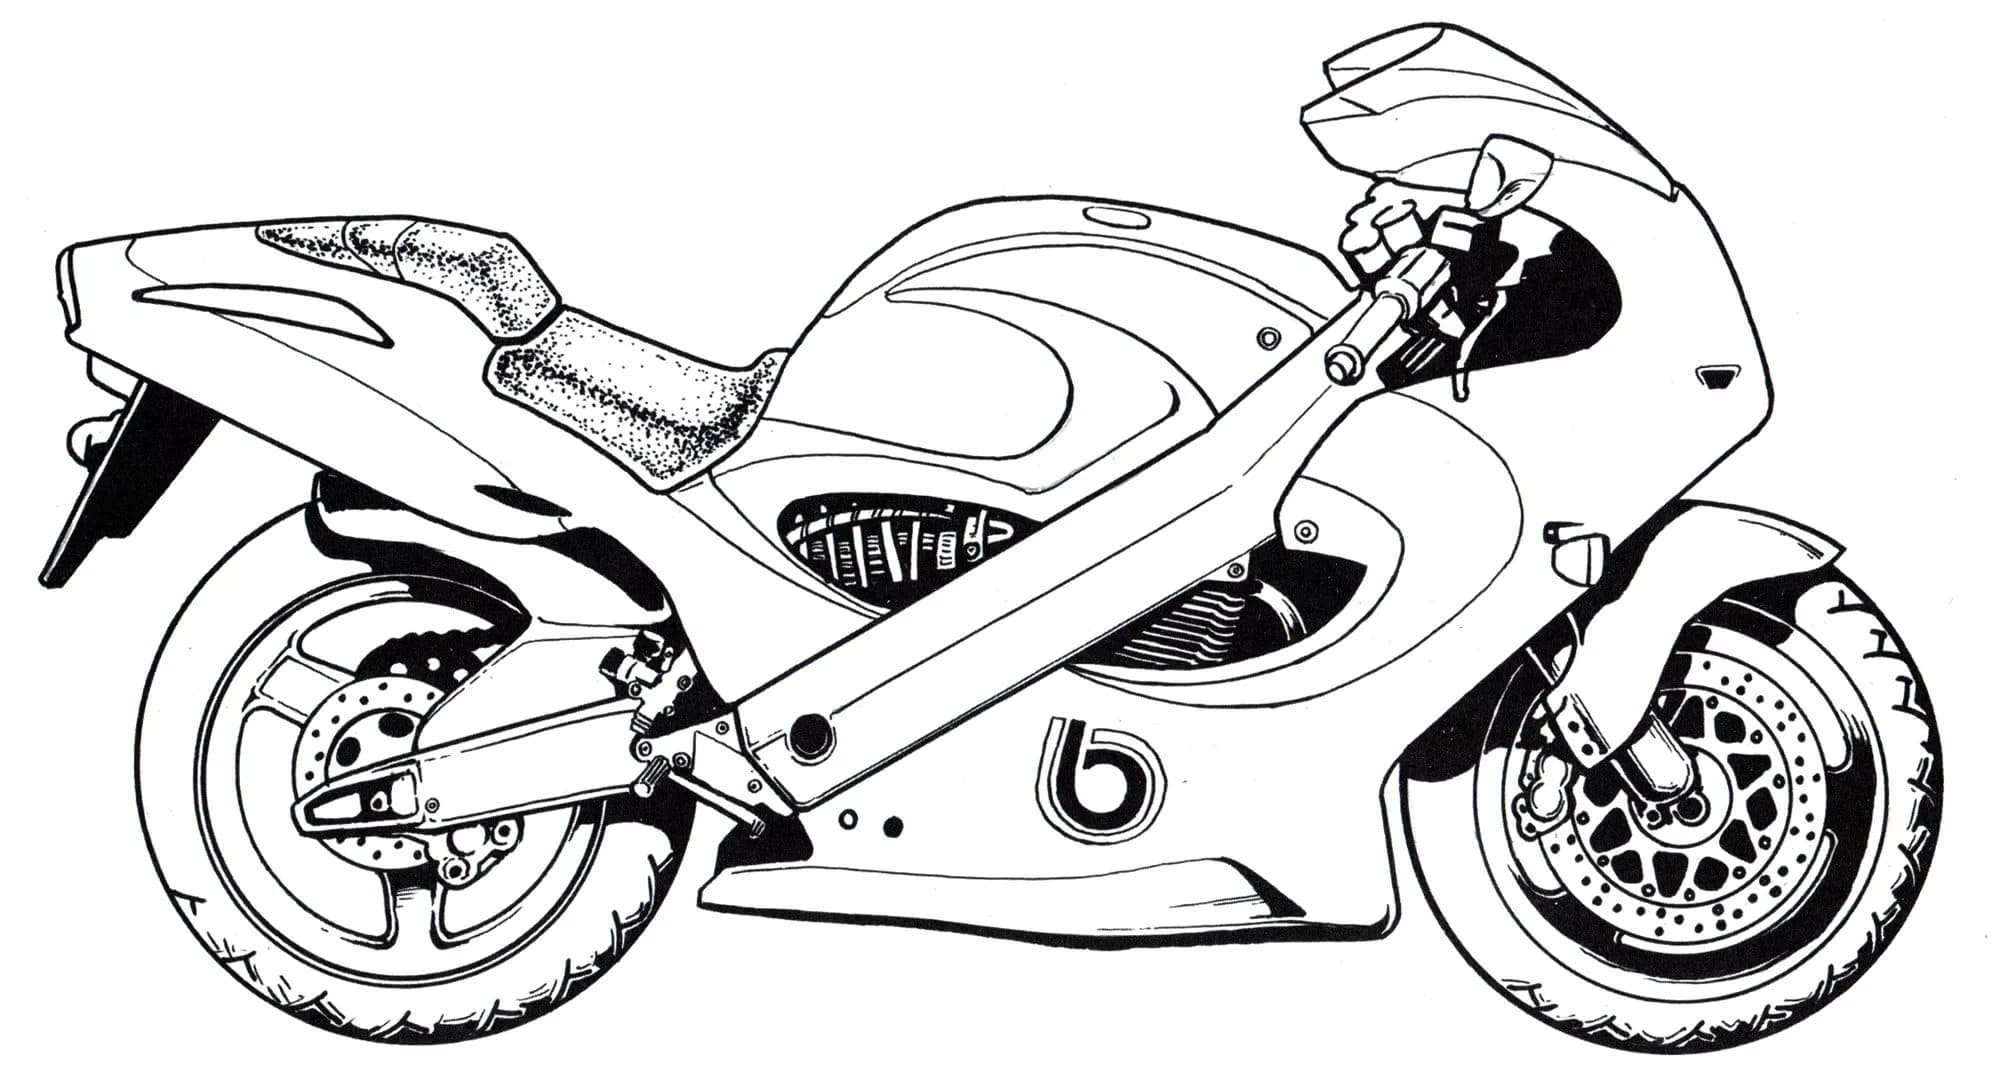 Motorrad Ausmalbilder. Besten Malvorlagen Zum Drucken bei Motorrad Ausmalbilder